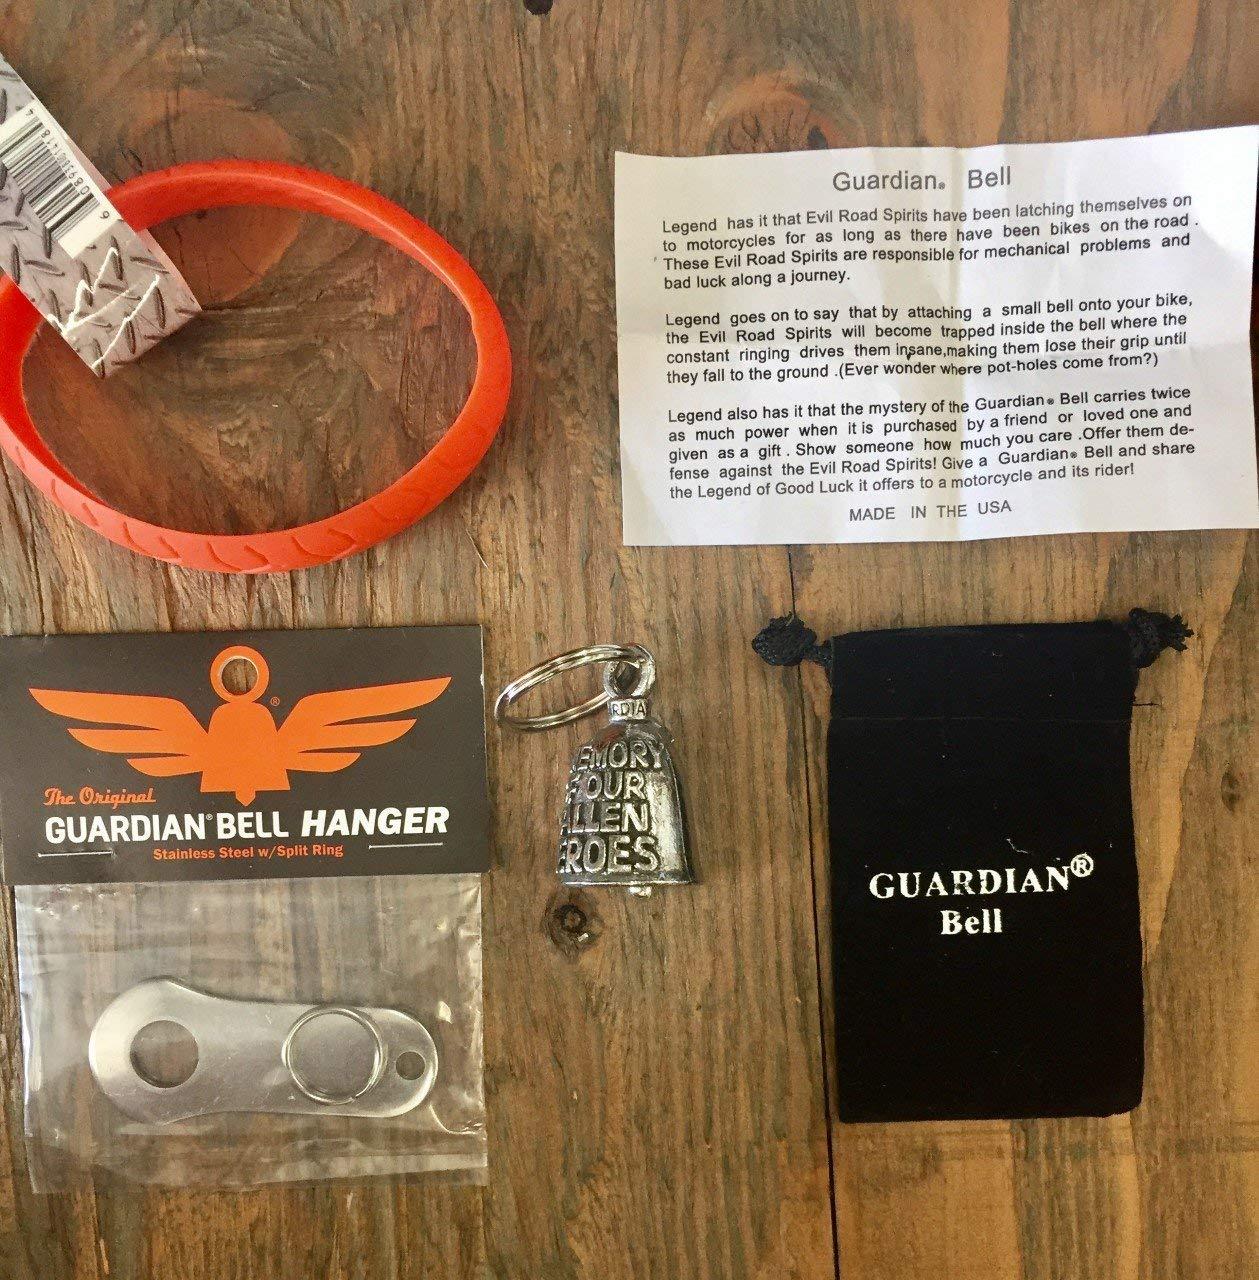 Guardian® Bell IN MEMORY (FALLEN) COMPLETE KIT W/HANGER & WRISTBAND